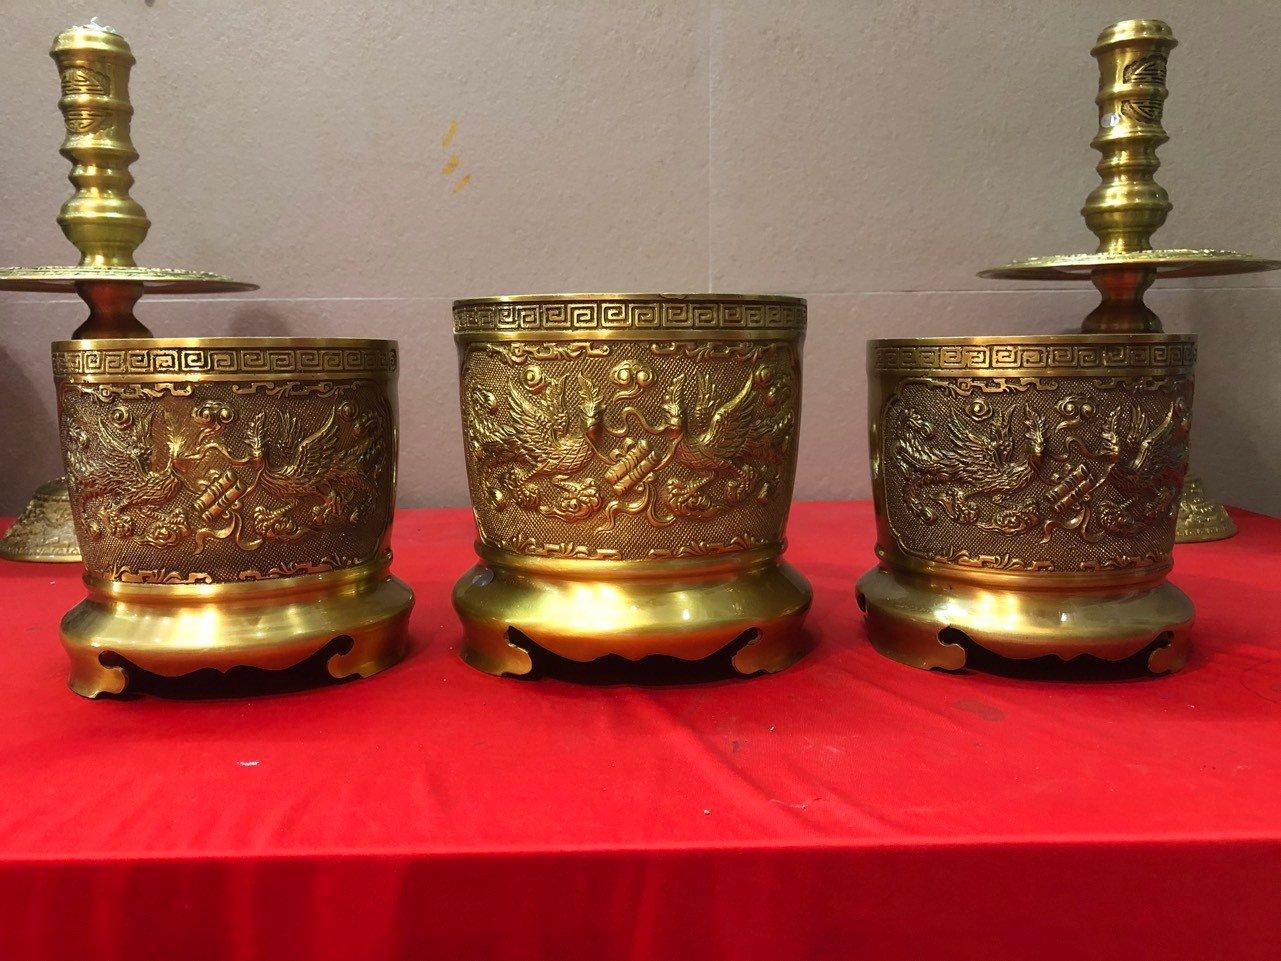 Bộ 3 bát hương đồng thờ cúng 18+2 bát 16